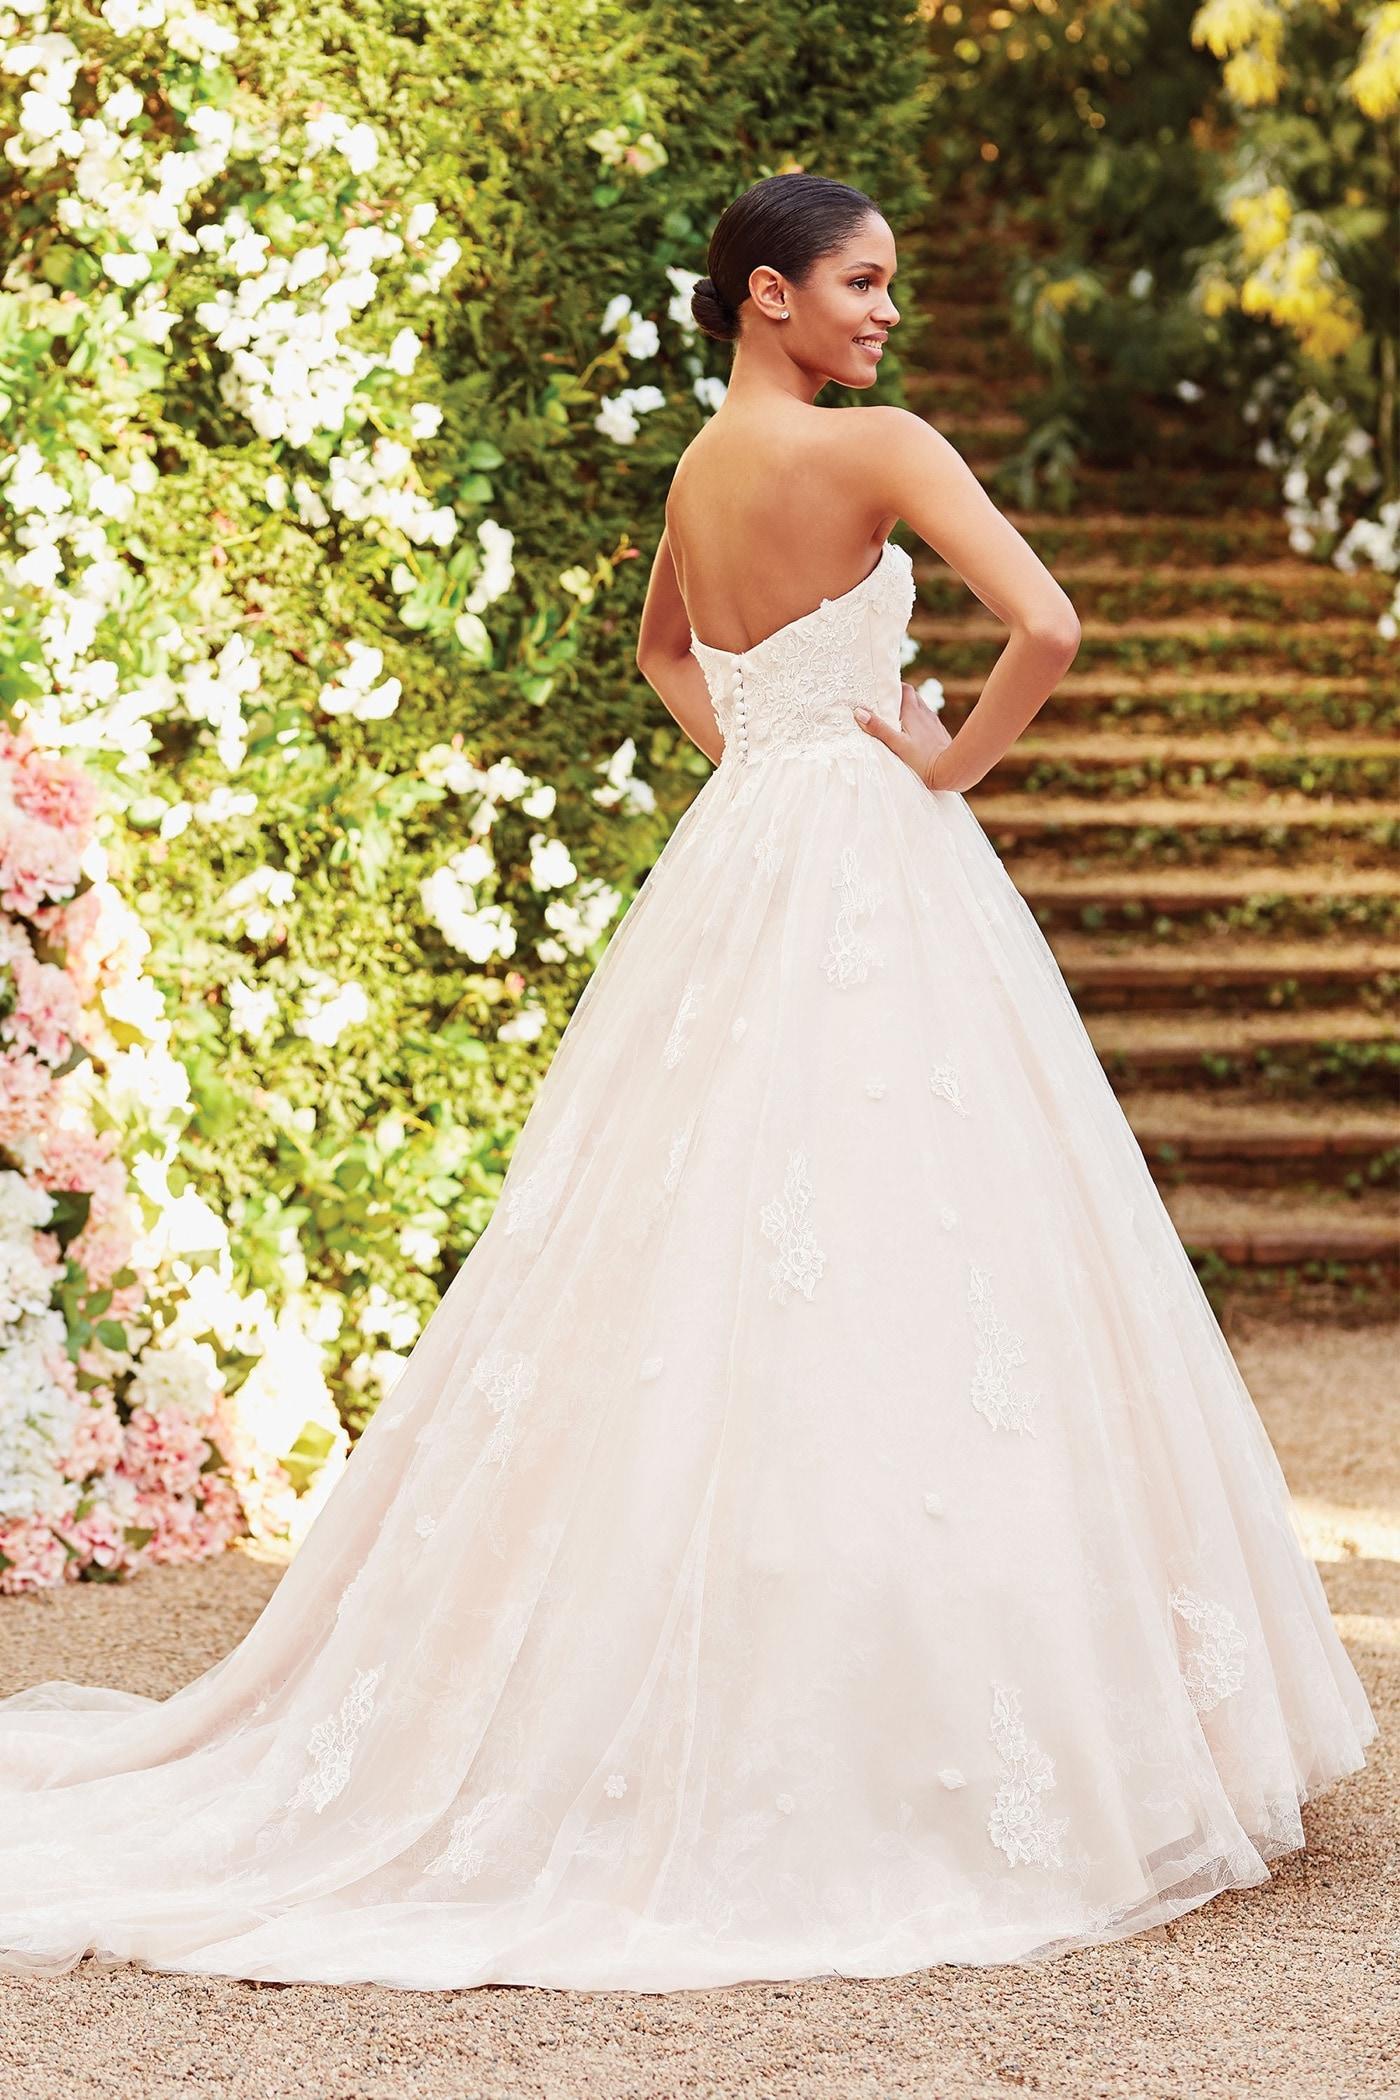 Brautkleid im Prinzess-Stil mit trägerlosem Sweetheart-Ausschnitt, Spitzenblüten und Schleppe von Sincerity, Modell 44175